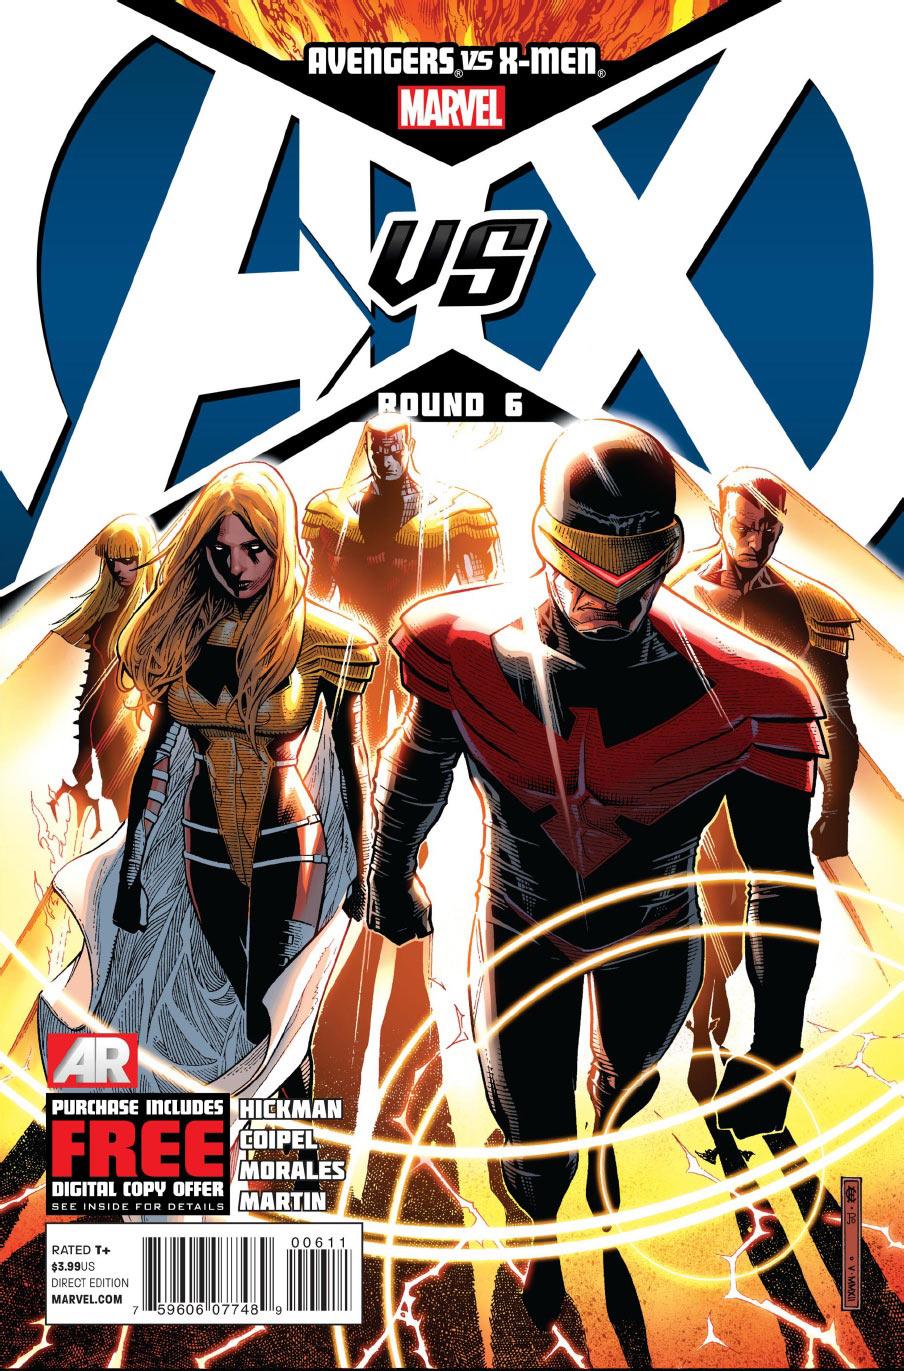 Avengers vs. X-Men Vol 1 6 - Marvel Comics Database